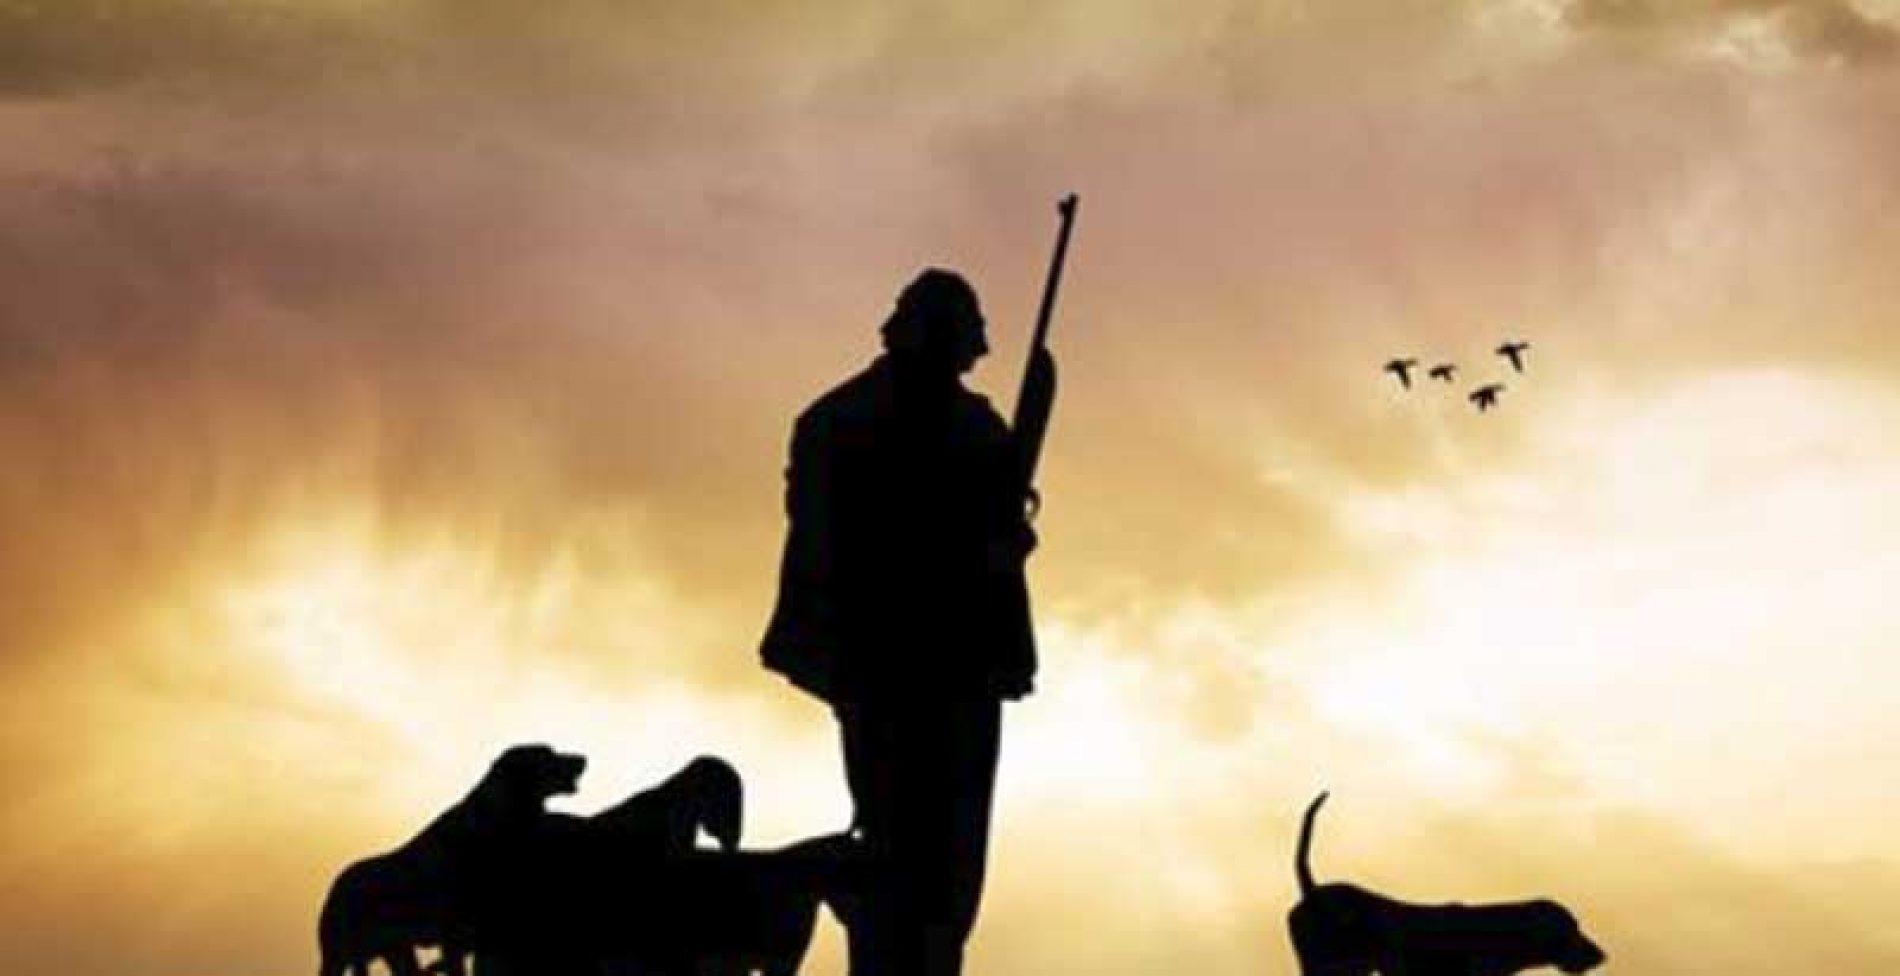 El Parlamento de la Rioja pretende tramitar una norma que otorga a los animales una protección superior a la de los seres humanos